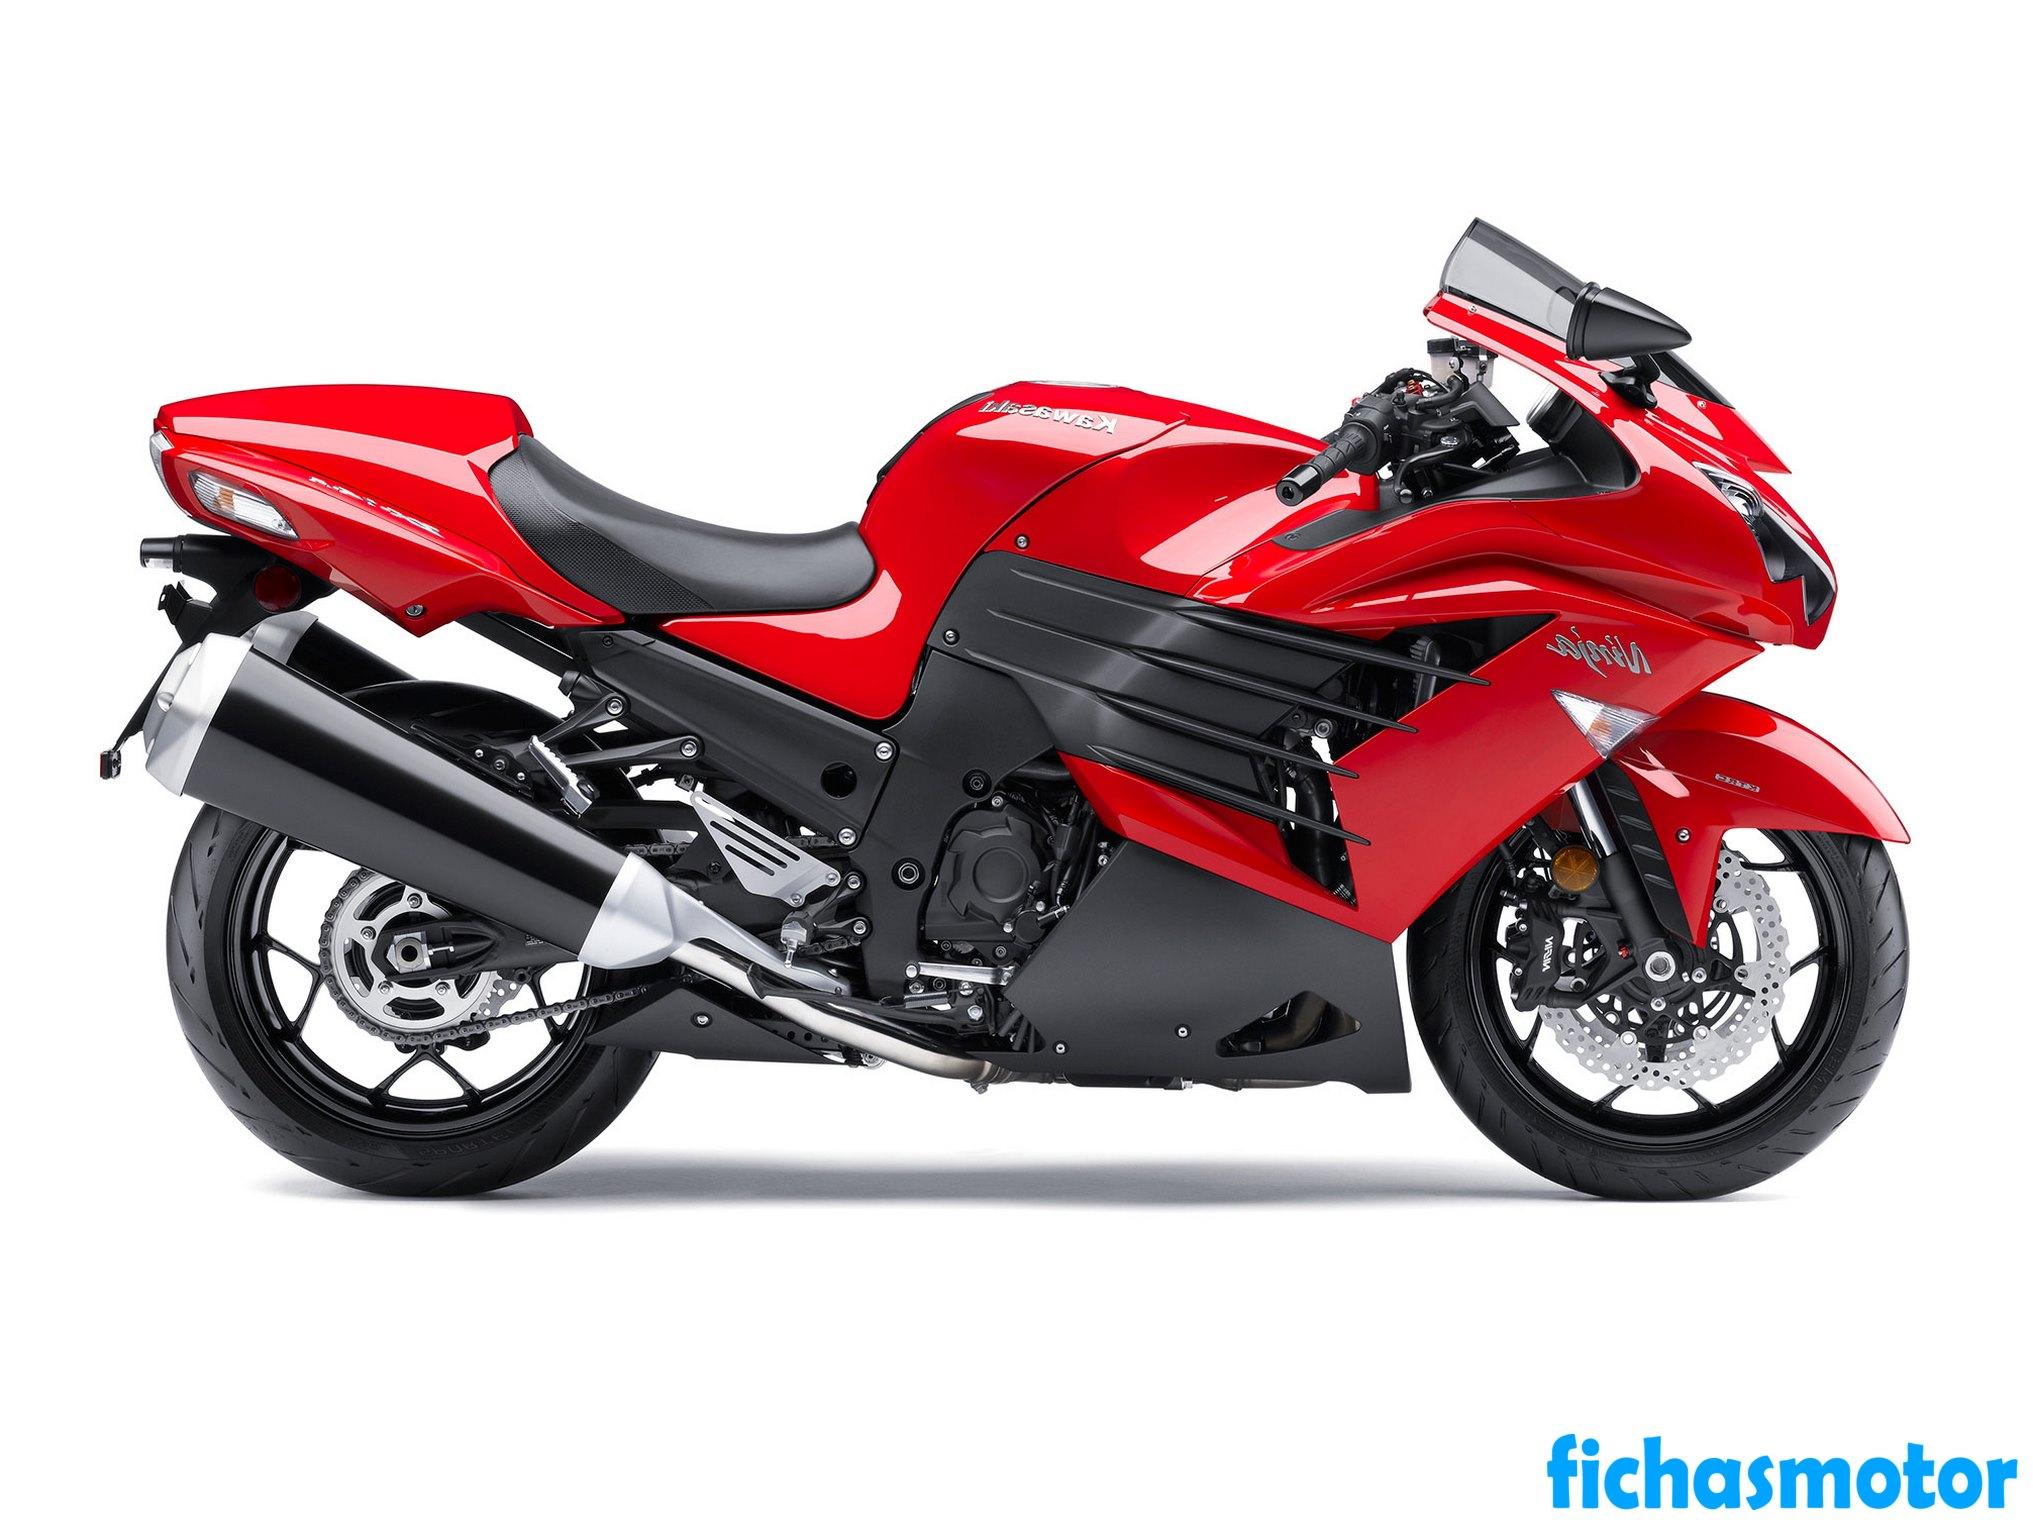 Ficha técnica Kawasaki ninja zx -14r 2013